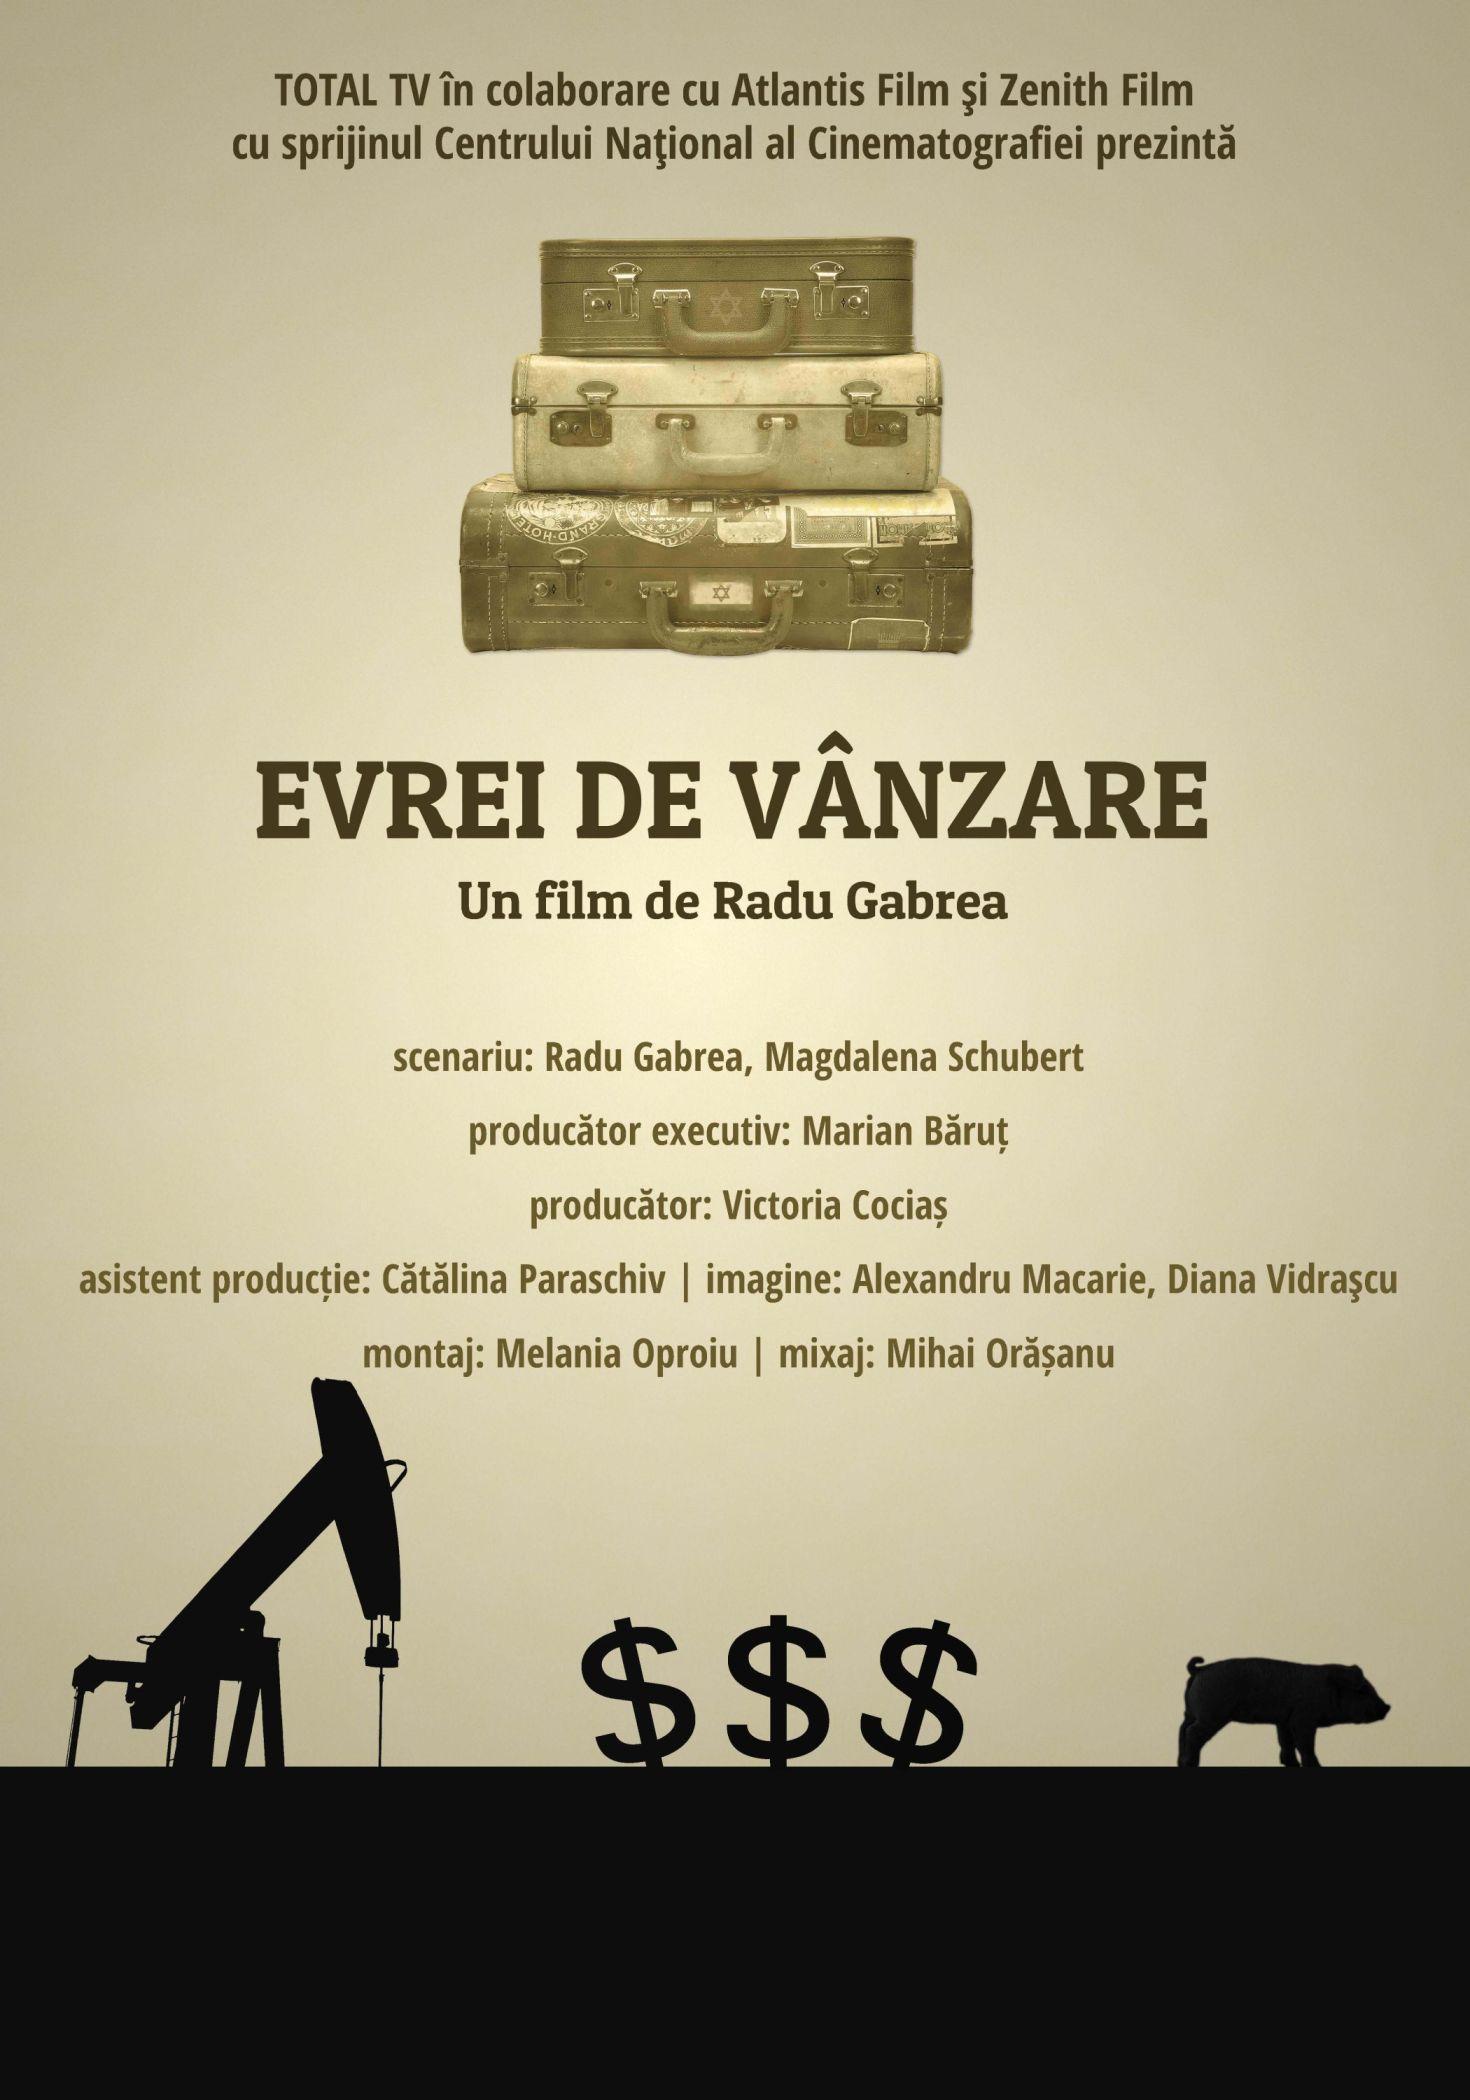 Evrei de vânzare (2012) - Photo